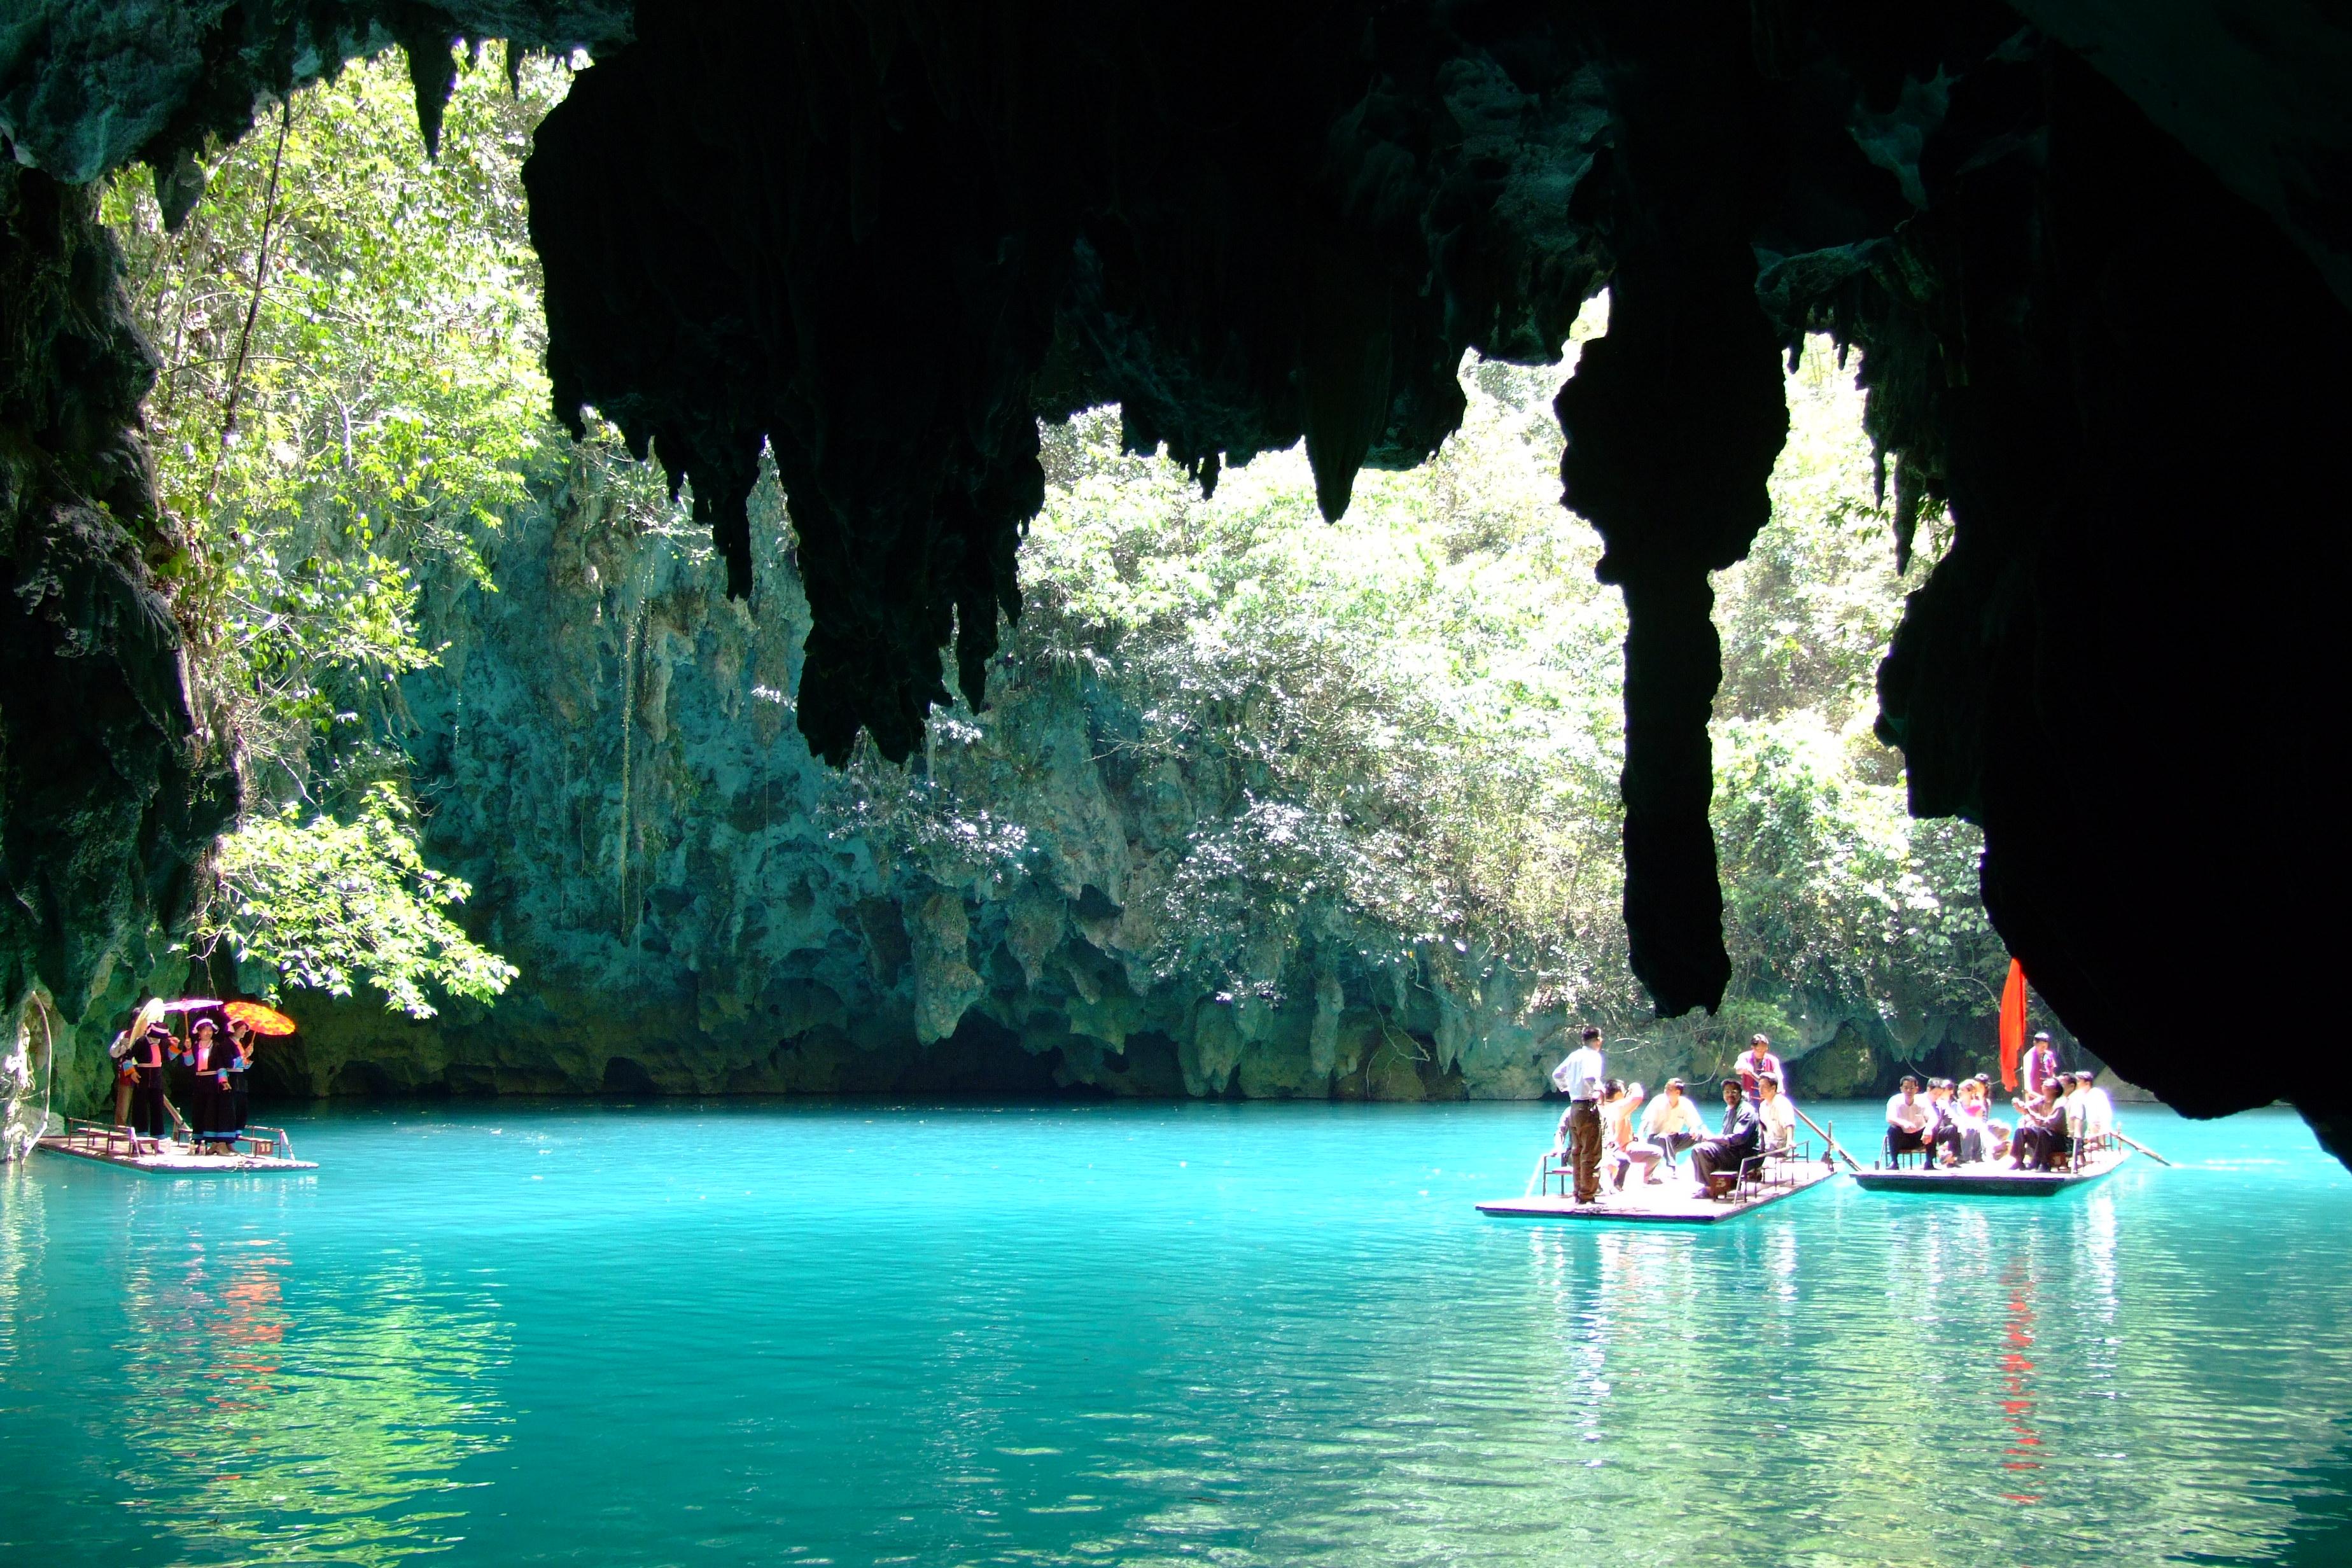 【穿越·瀑屿海】 德天瀑布·通灵峡谷·巴马寿乡·北海·涠洲岛8游